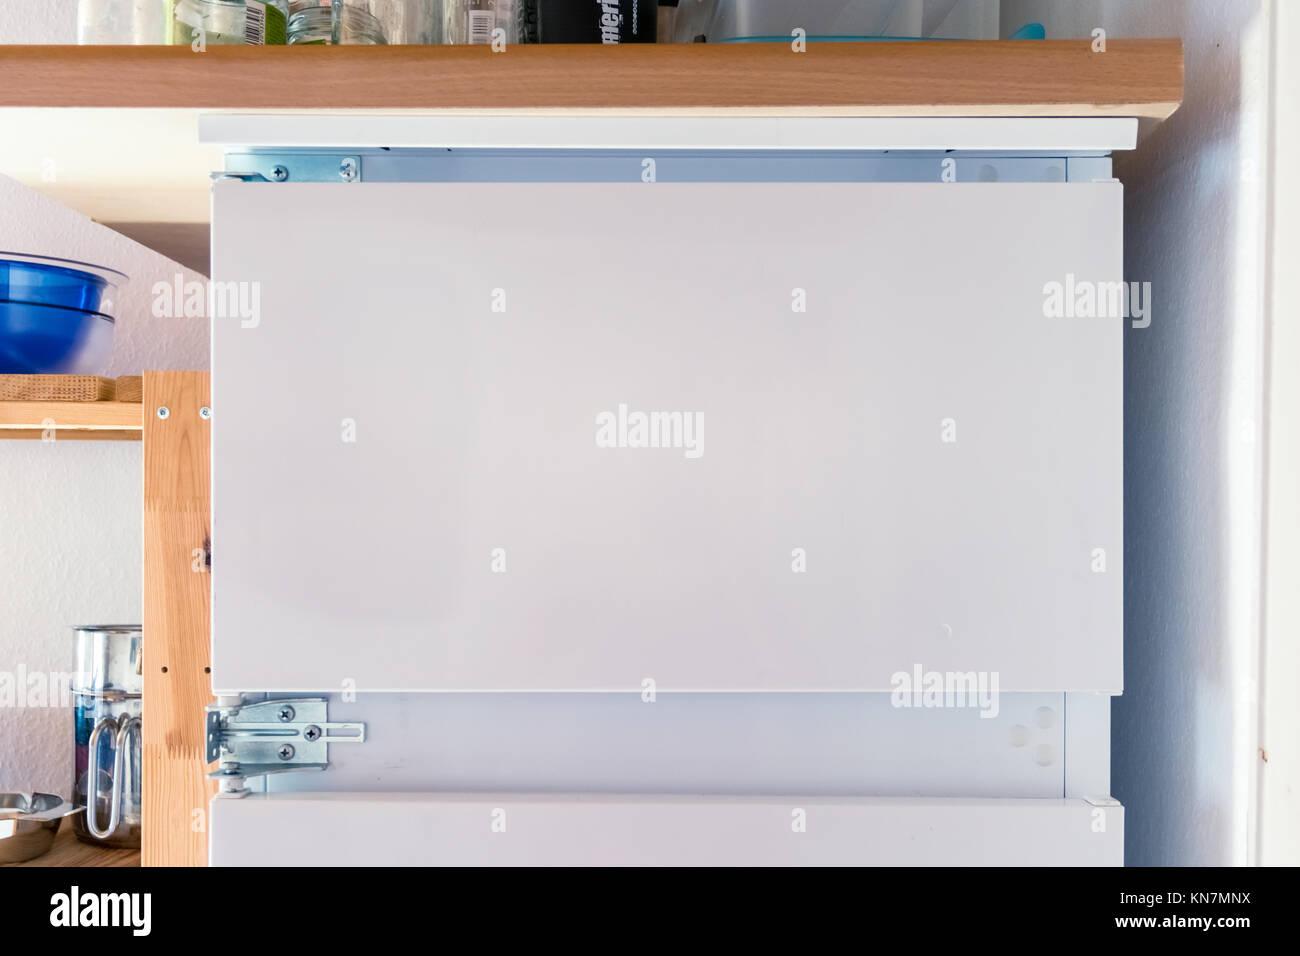 Leeren Kühlschrank Tür Weiß Vorlage isolierte Text kopieren Raum ...